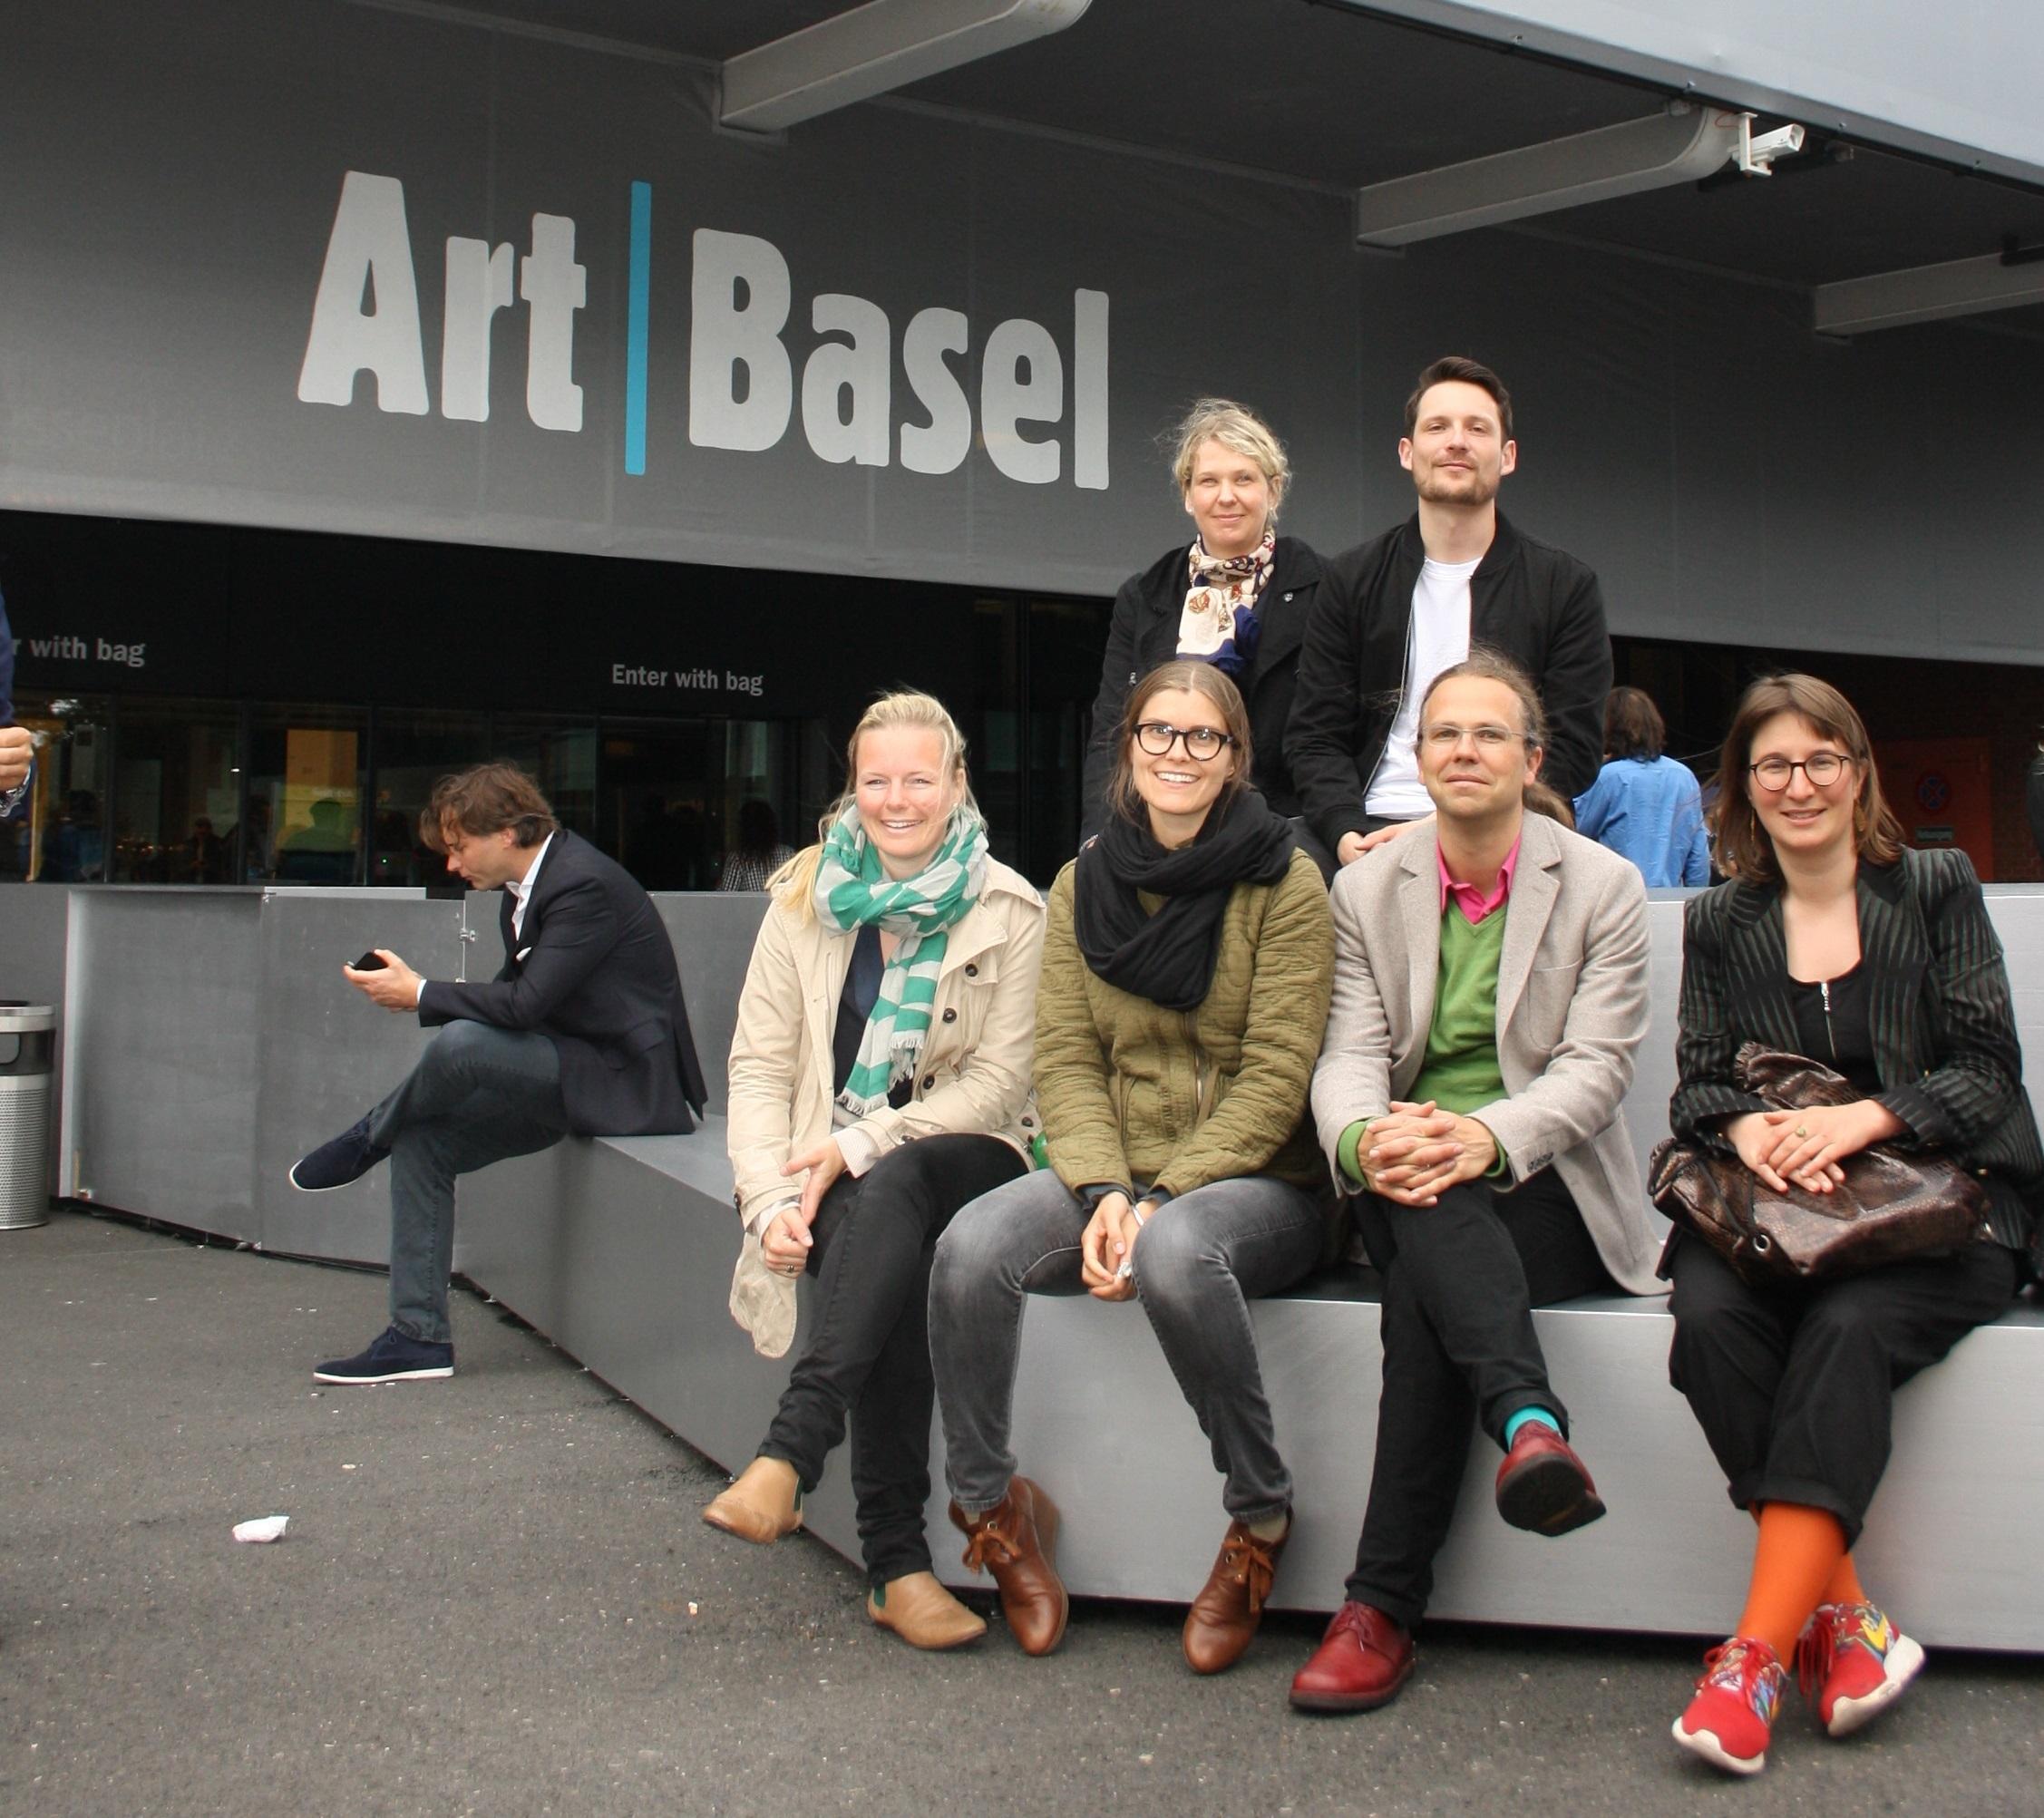 Die Stipendiaten und Dr. Tobias Burg vom Museum Folkwang, Essen vor dem Eingang der Art Basel